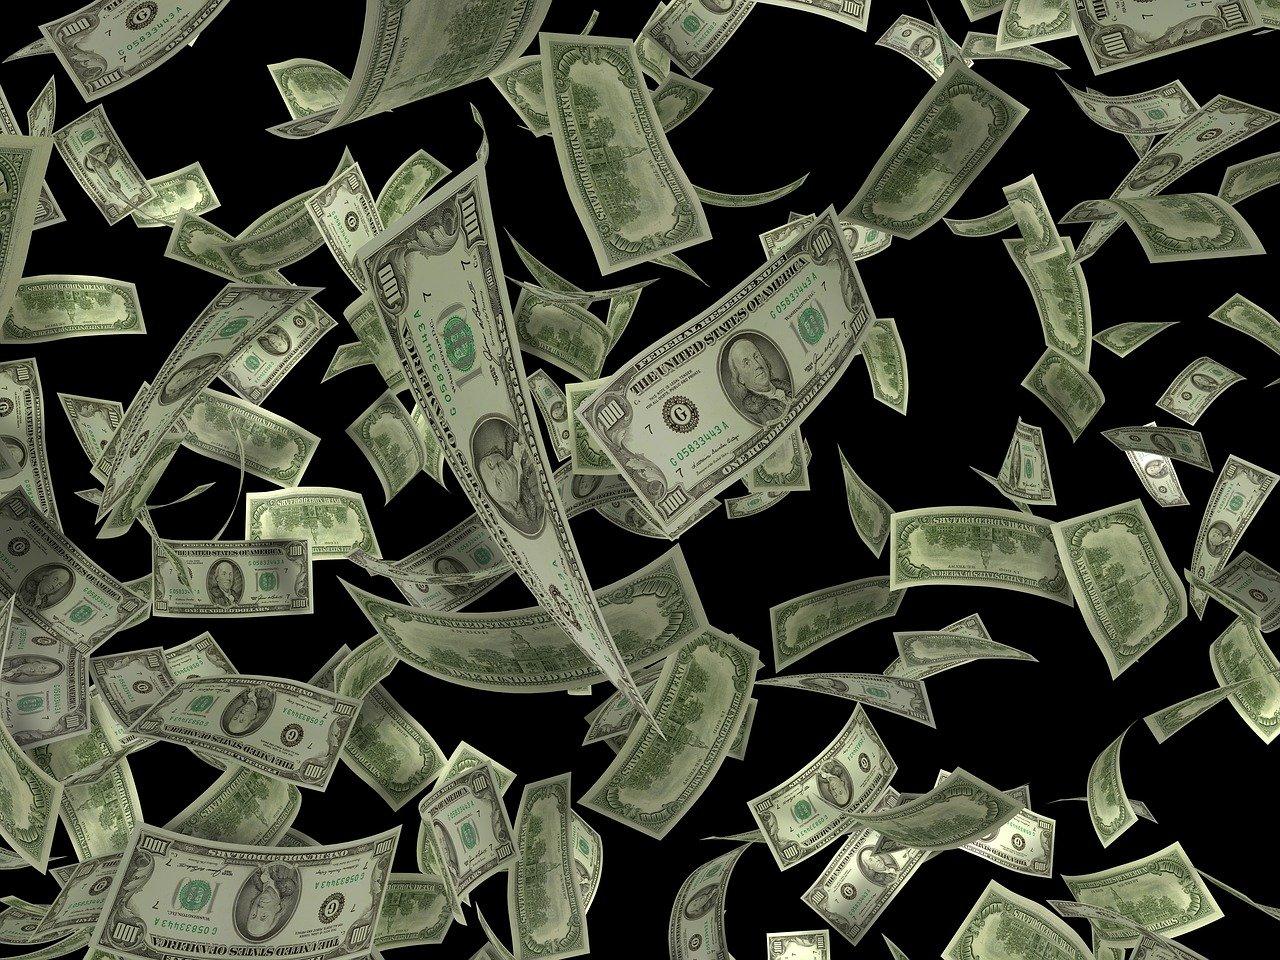 Além do Nubank, outras seis fintechs recebem aportes nessa semana, somando R$ 2,3 bilhões